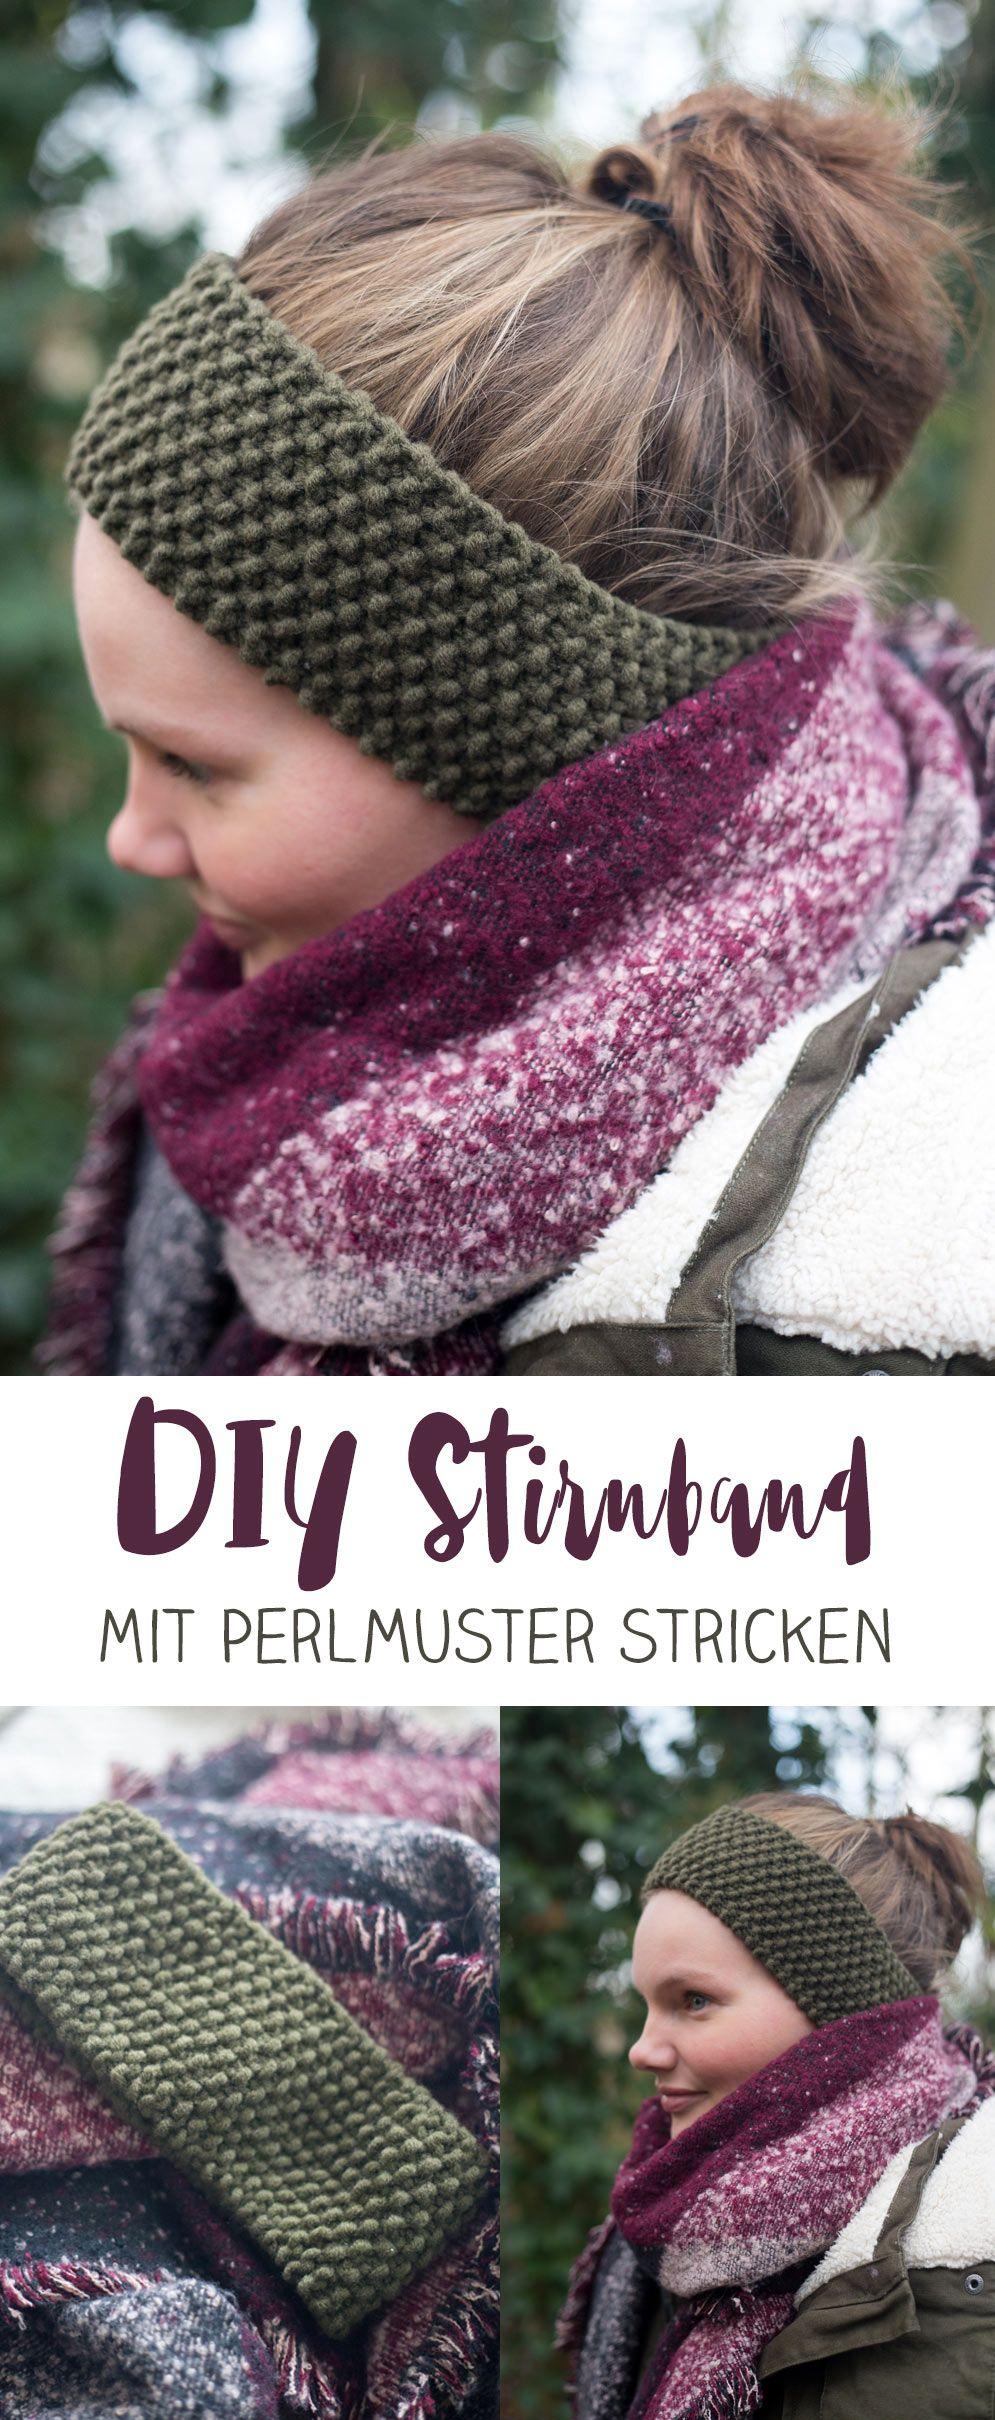 diy stirnband mit perlmuster stricken kleine diy. Black Bedroom Furniture Sets. Home Design Ideas